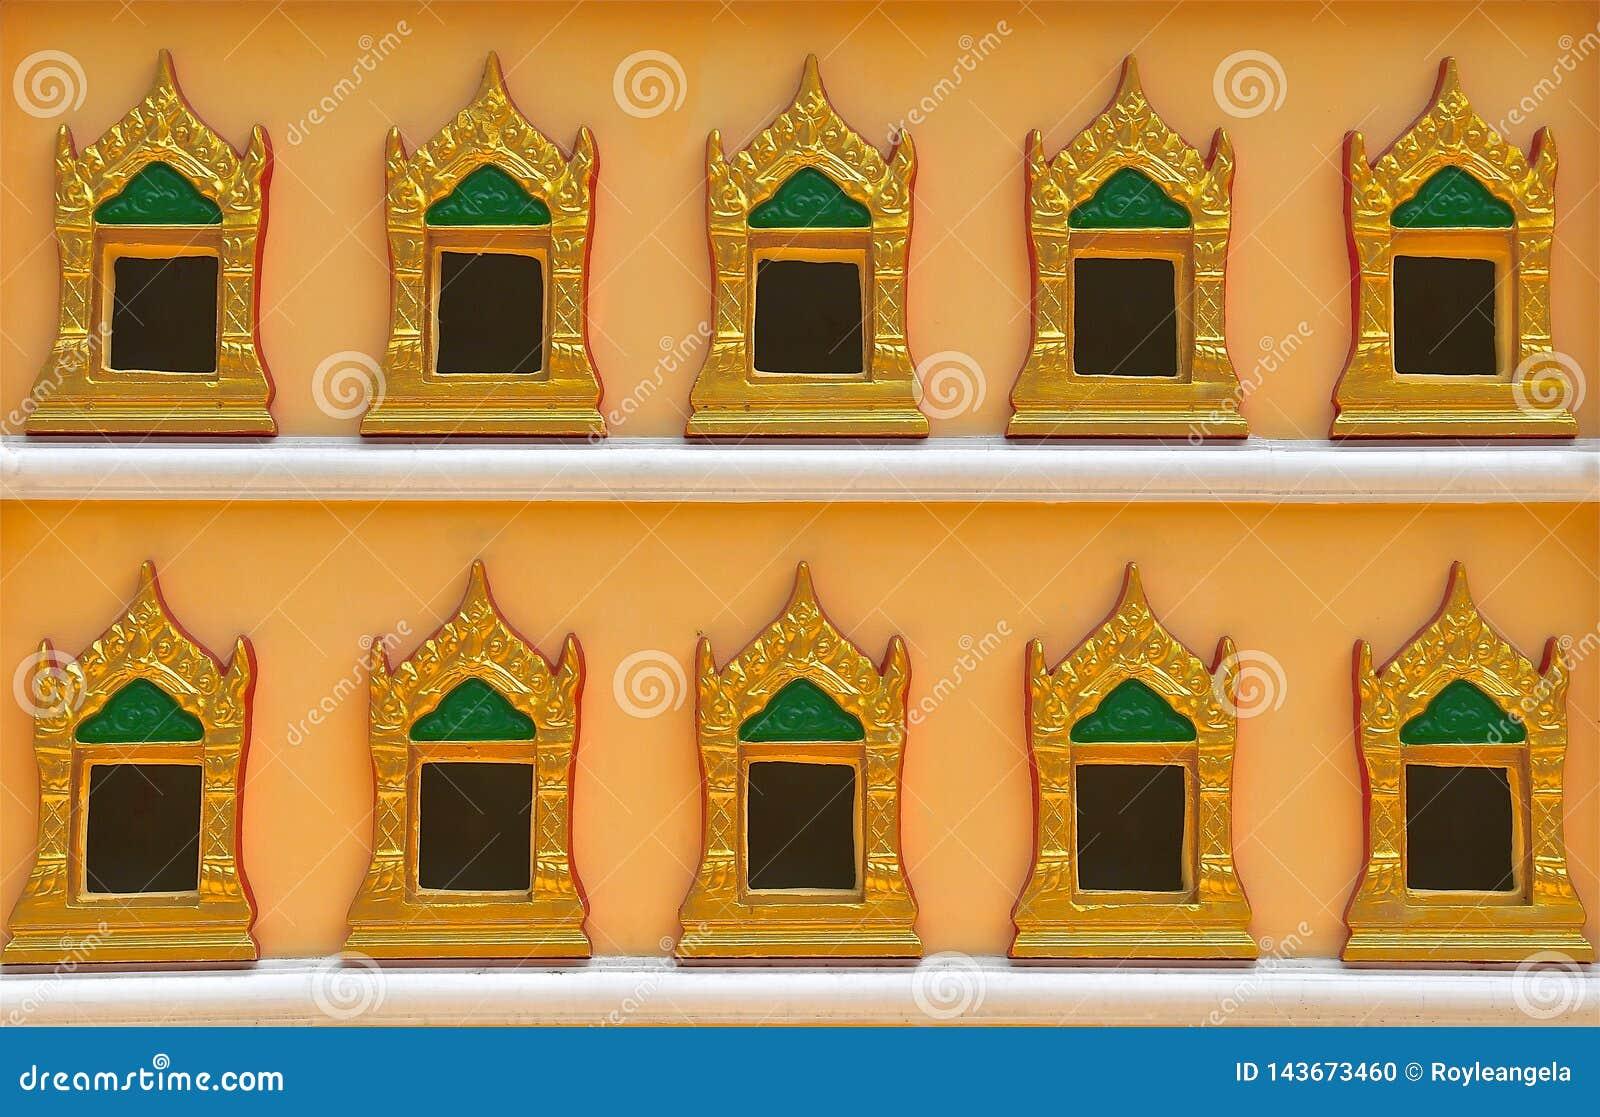 佛教小箱墙壁